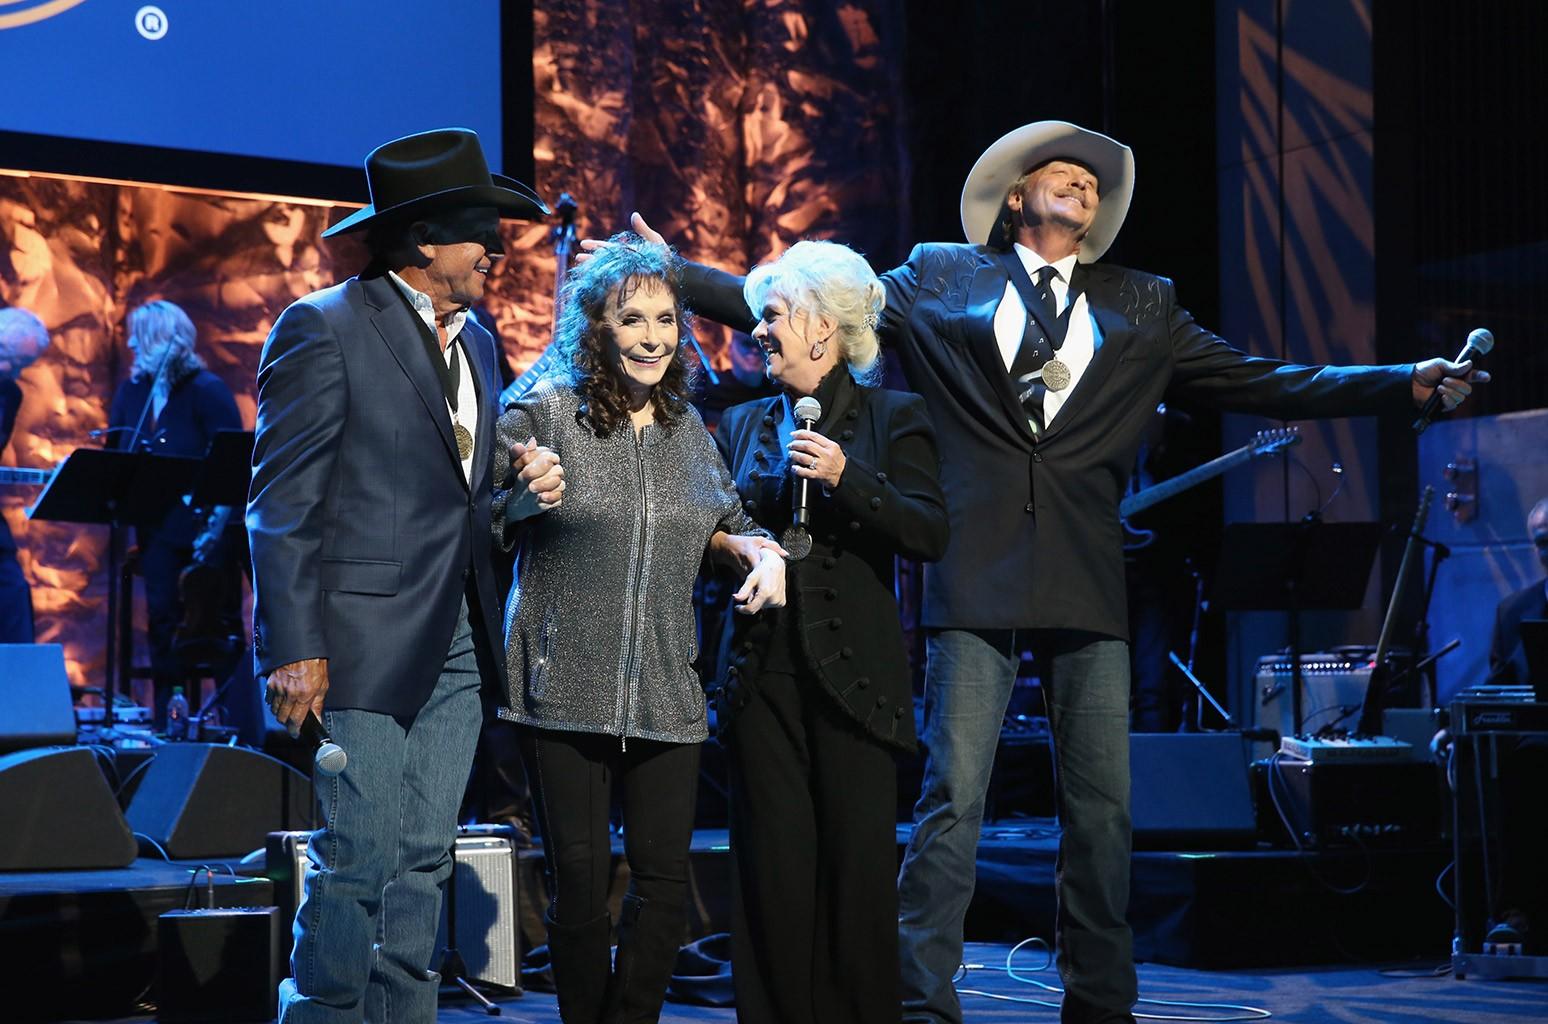 George Strait, Loretta Lynn, Connie Smith and Alan Jackson